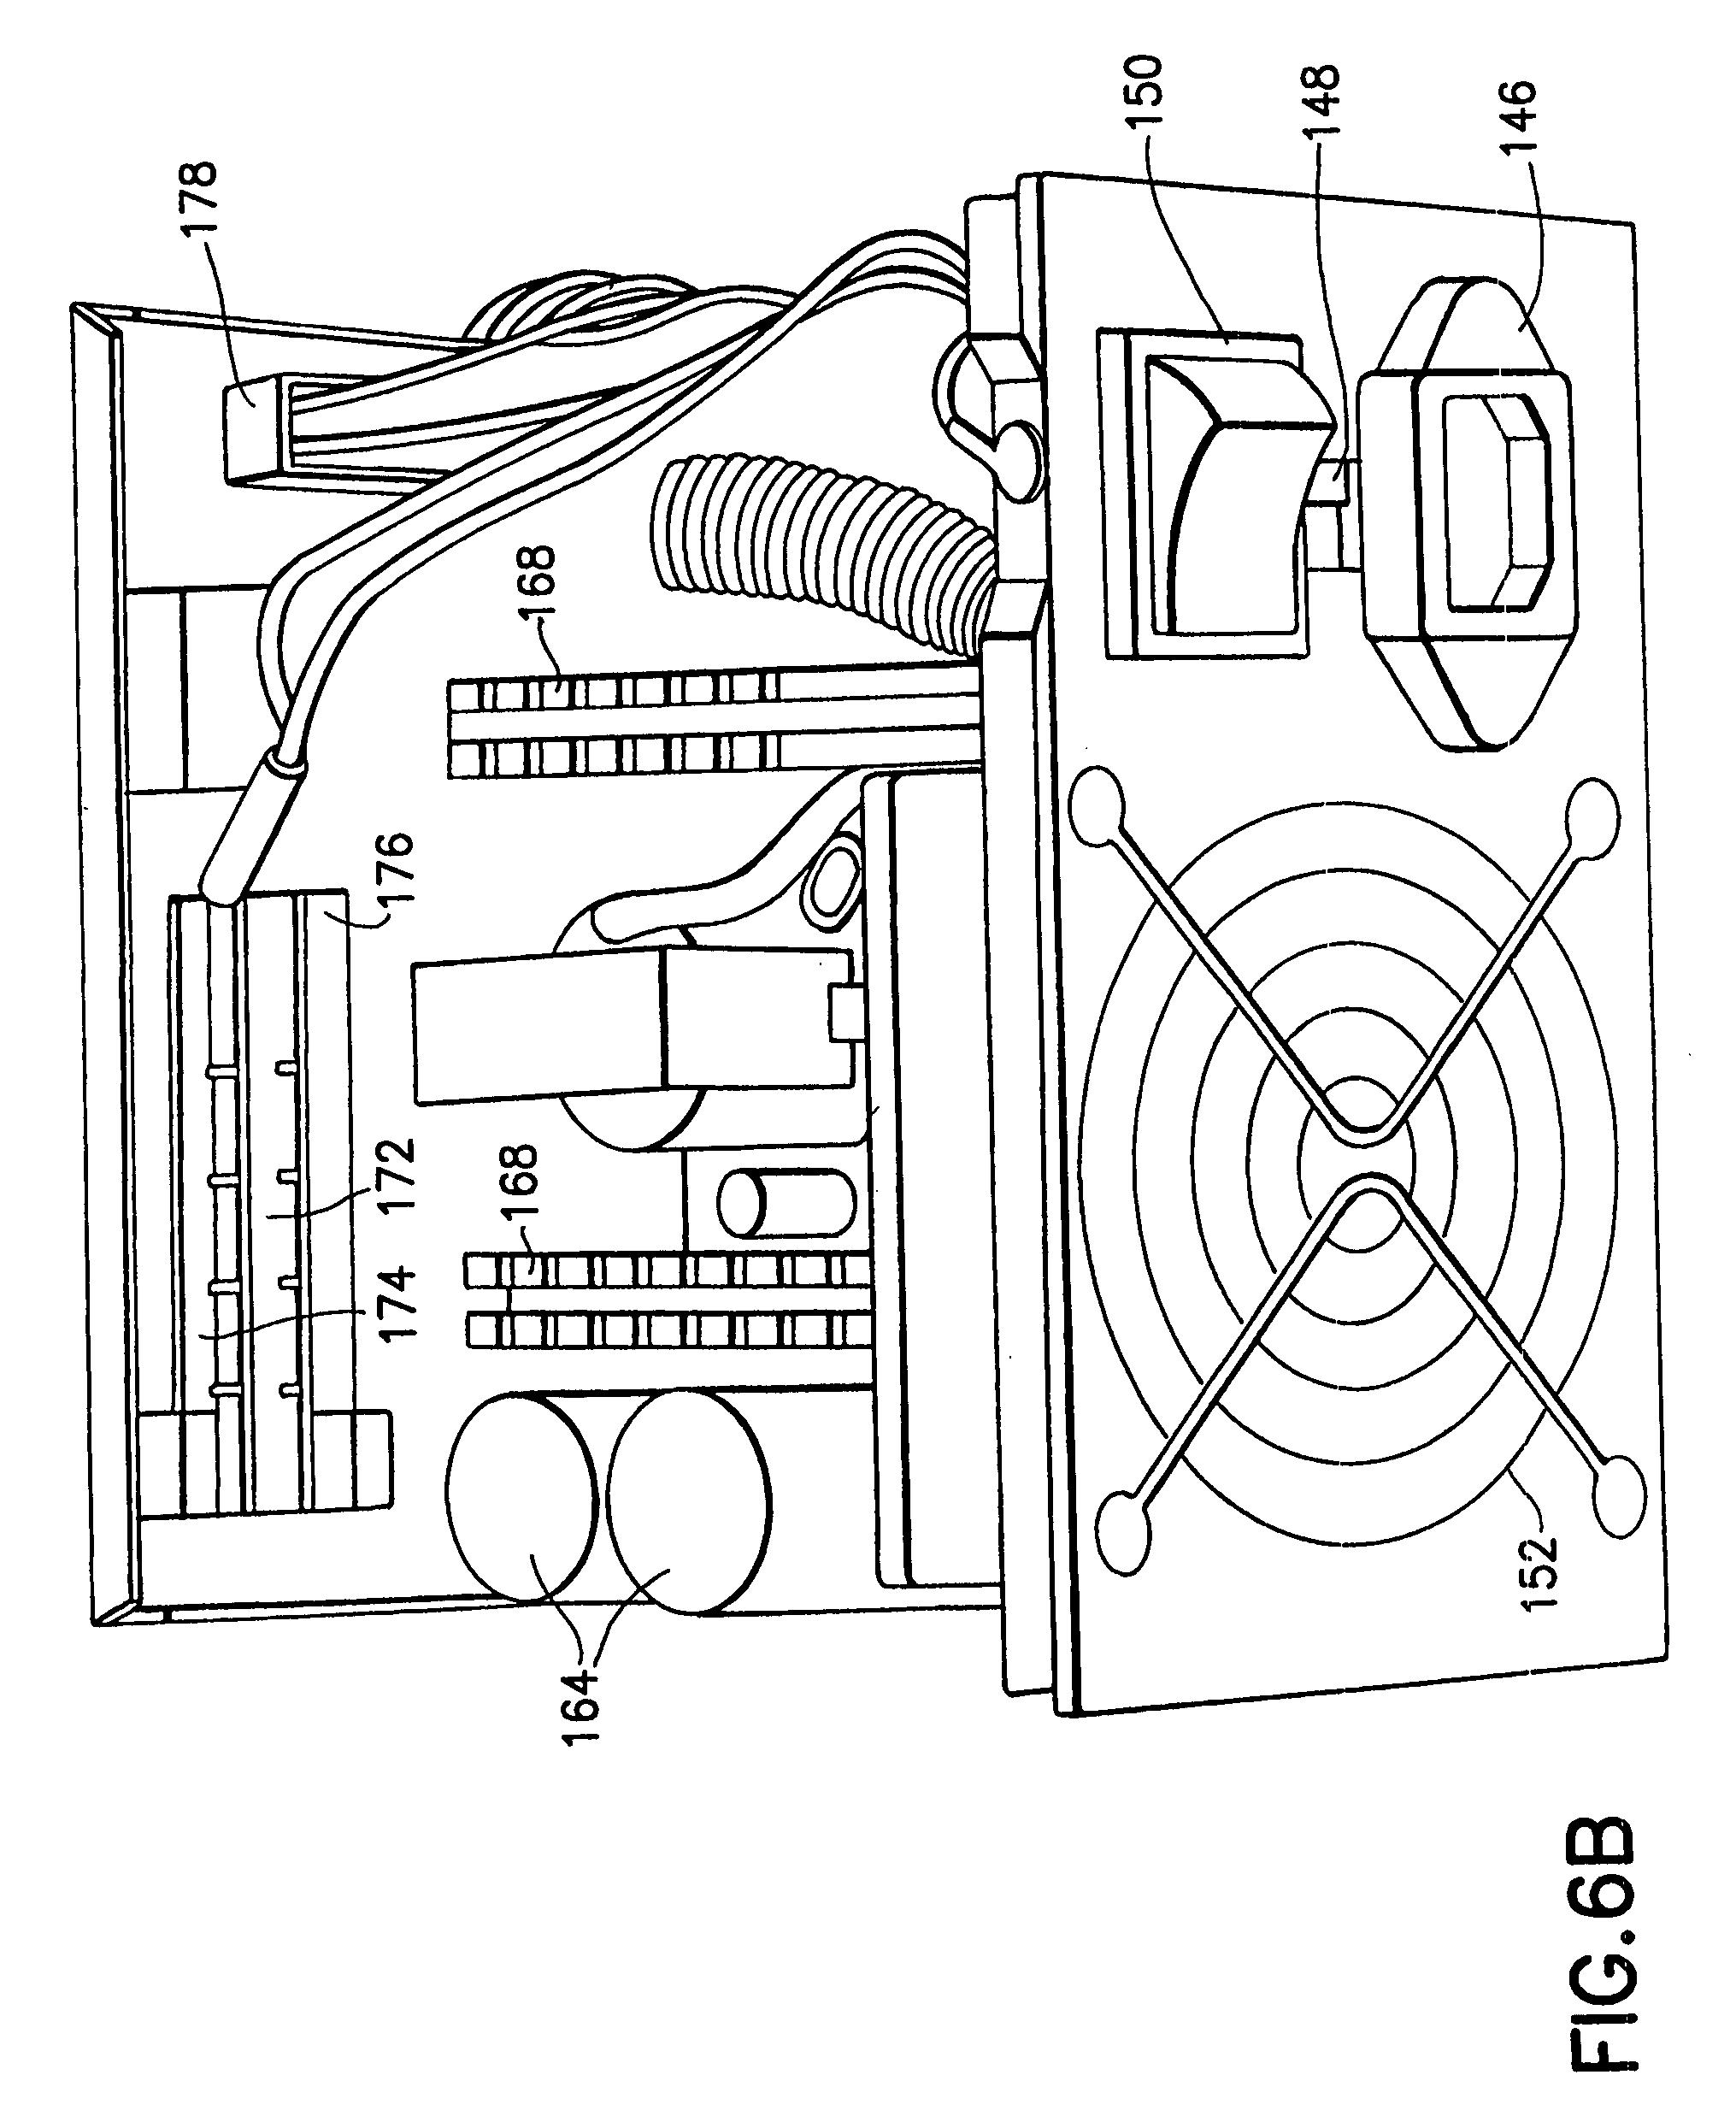 patent us7133293